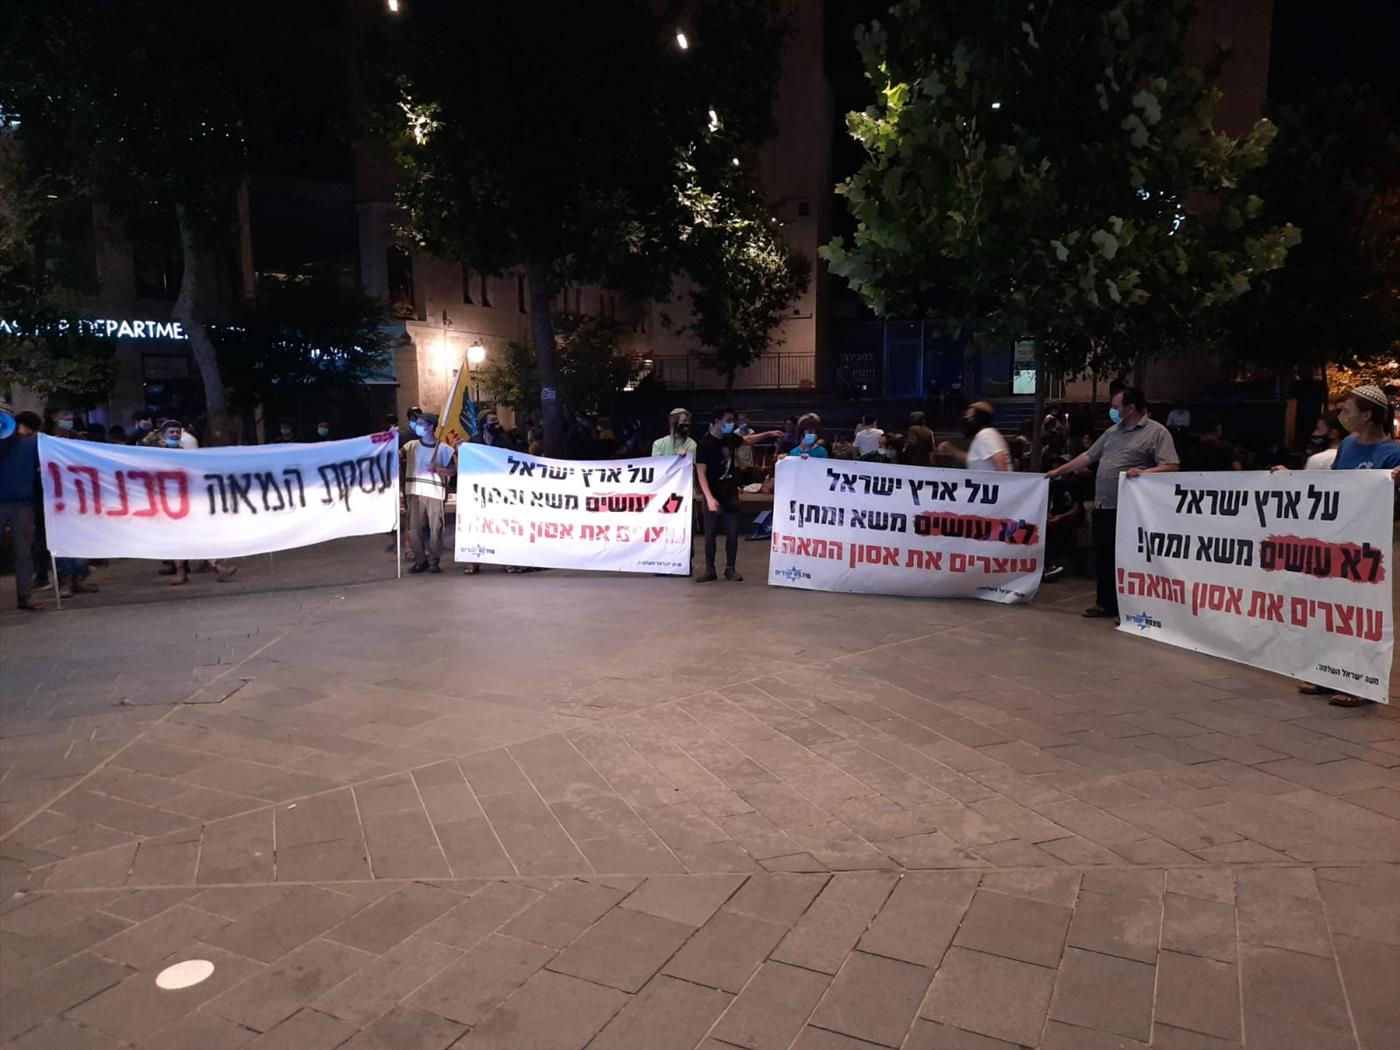 ההפגנה אמש (חדשות 'ימנים')